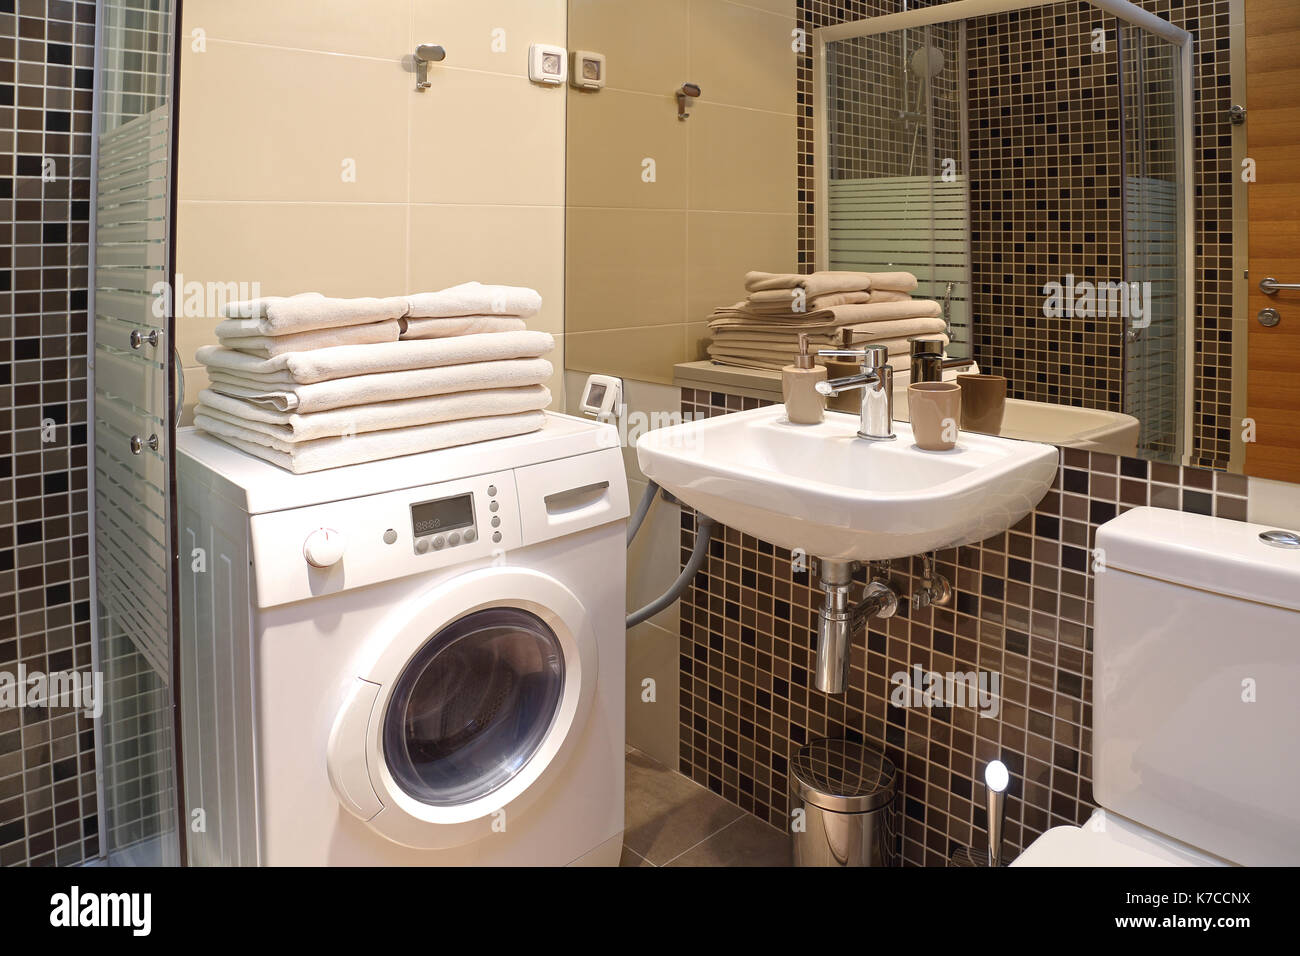 Modernes Kleines Bad Mit Waschmaschine Stockfoto Bild 159469350